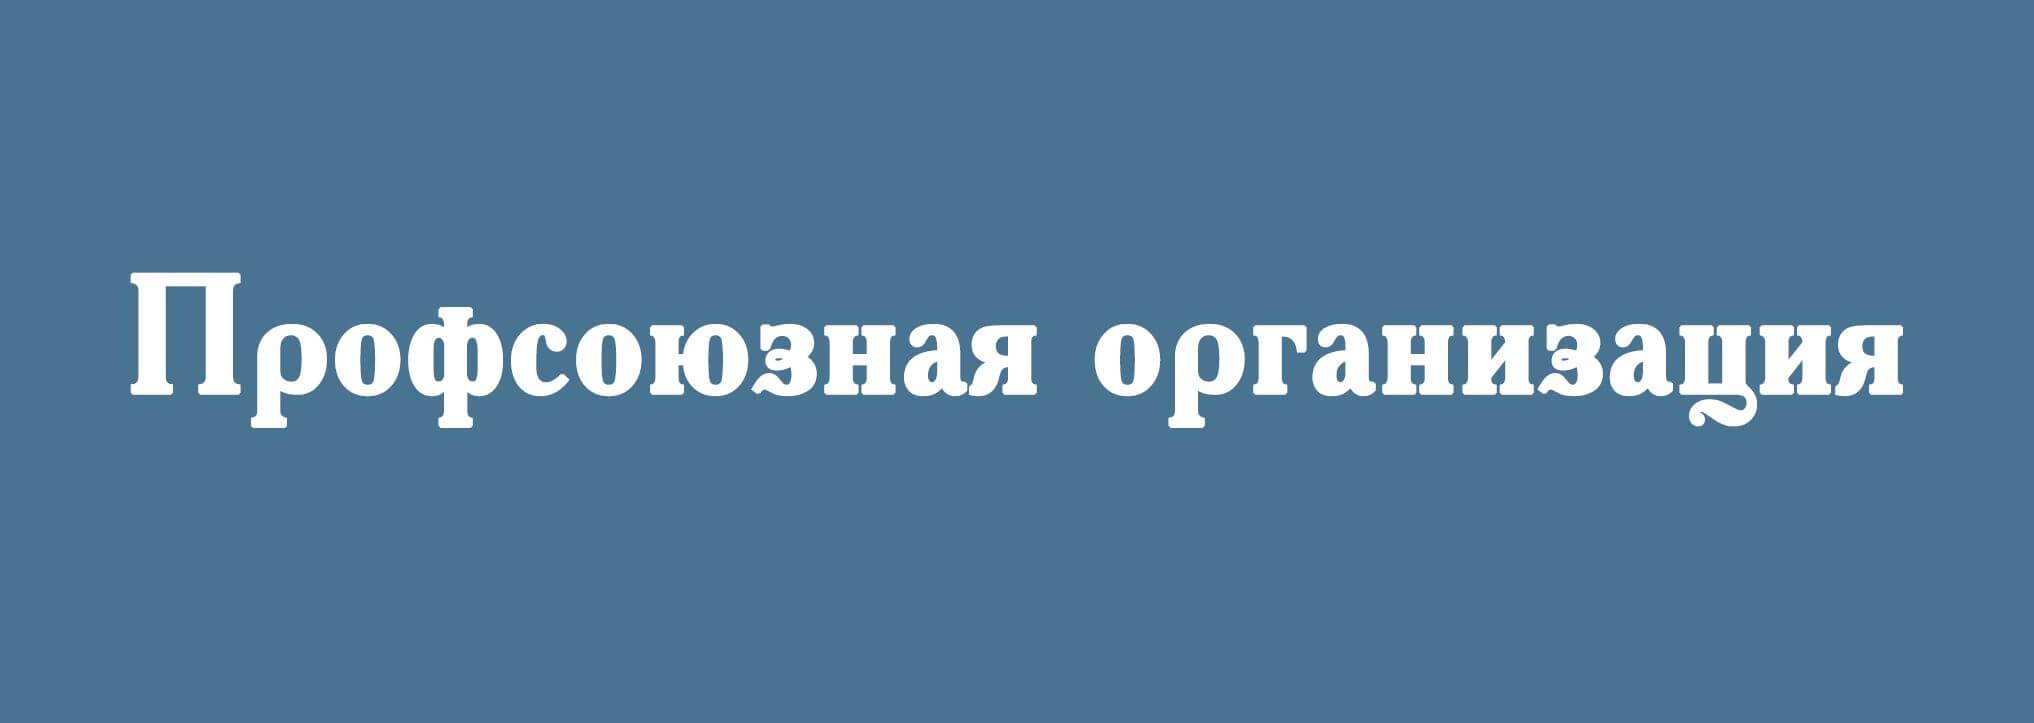 Первичная профсоюзная организация Института